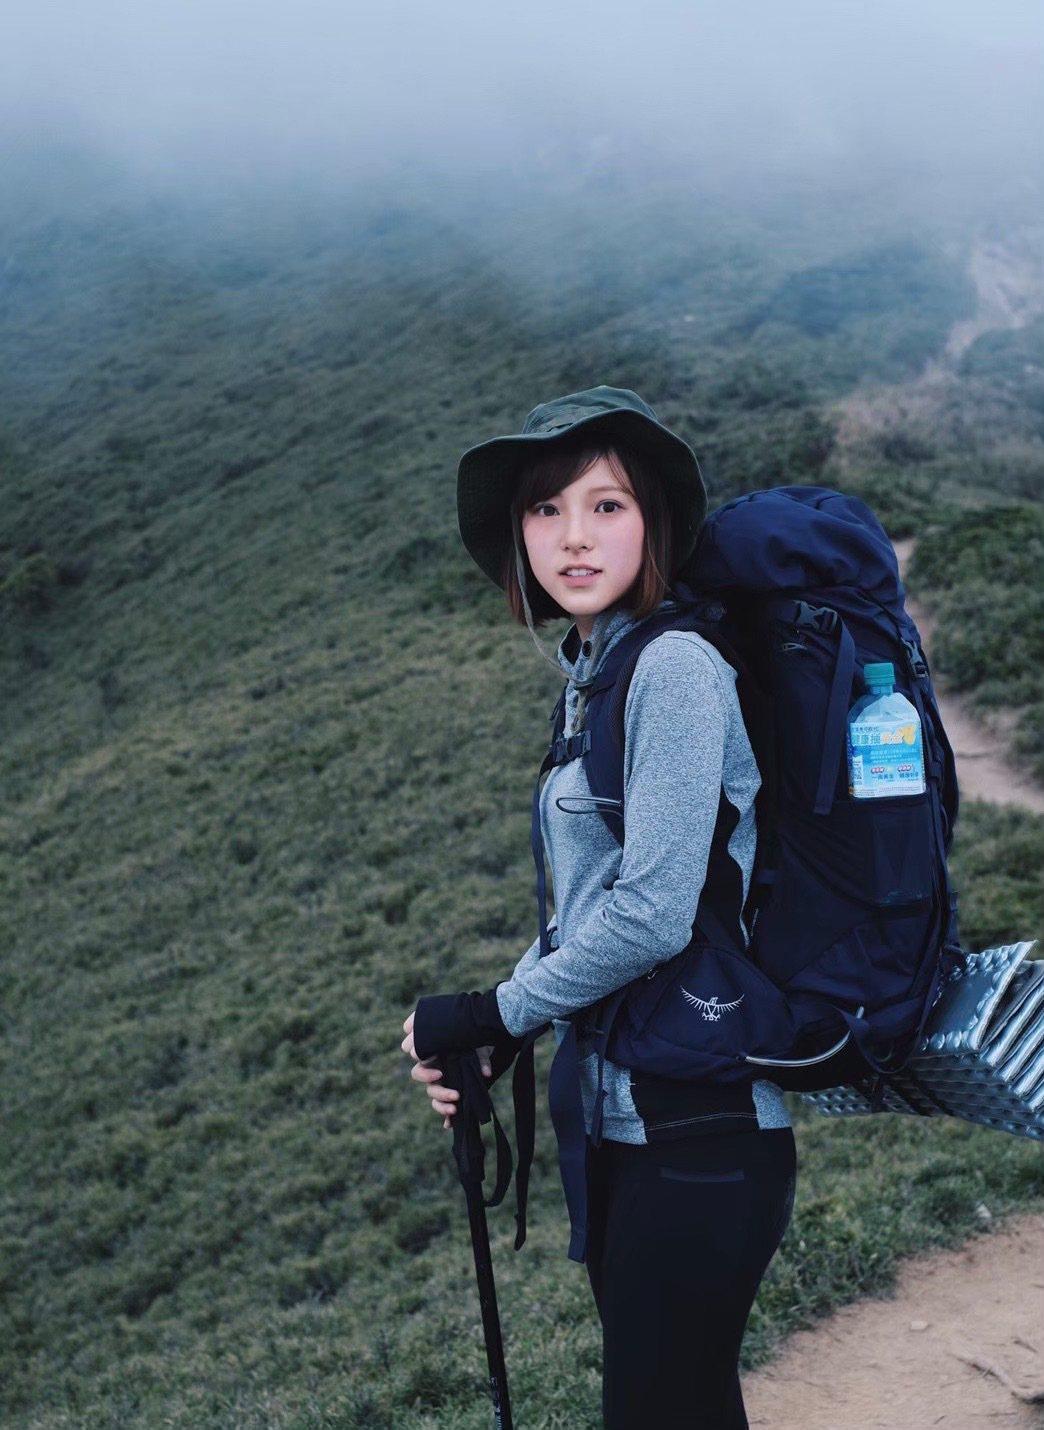 項婕如挑戰合歡山北峰成功。圖/群星瑞智提供